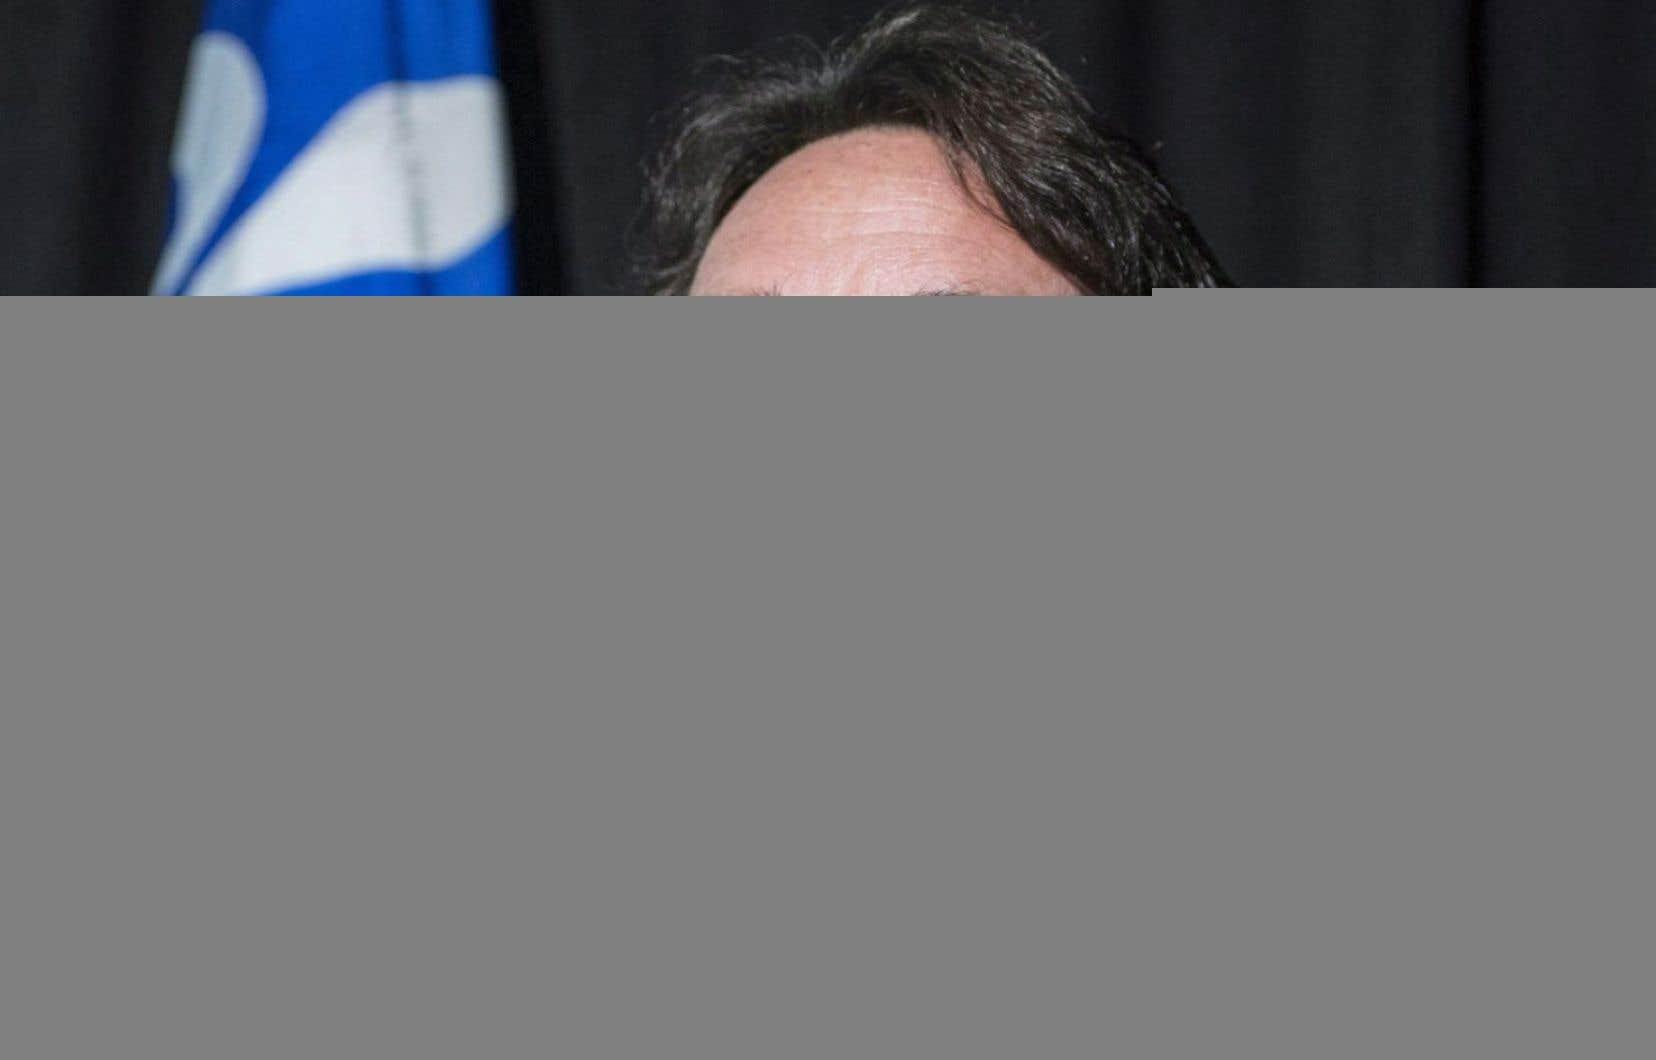 Le chef du Parti québécois, Pierre Karl Péladeau, a été élu à la tête du PQ avec 57,8 % des voix.